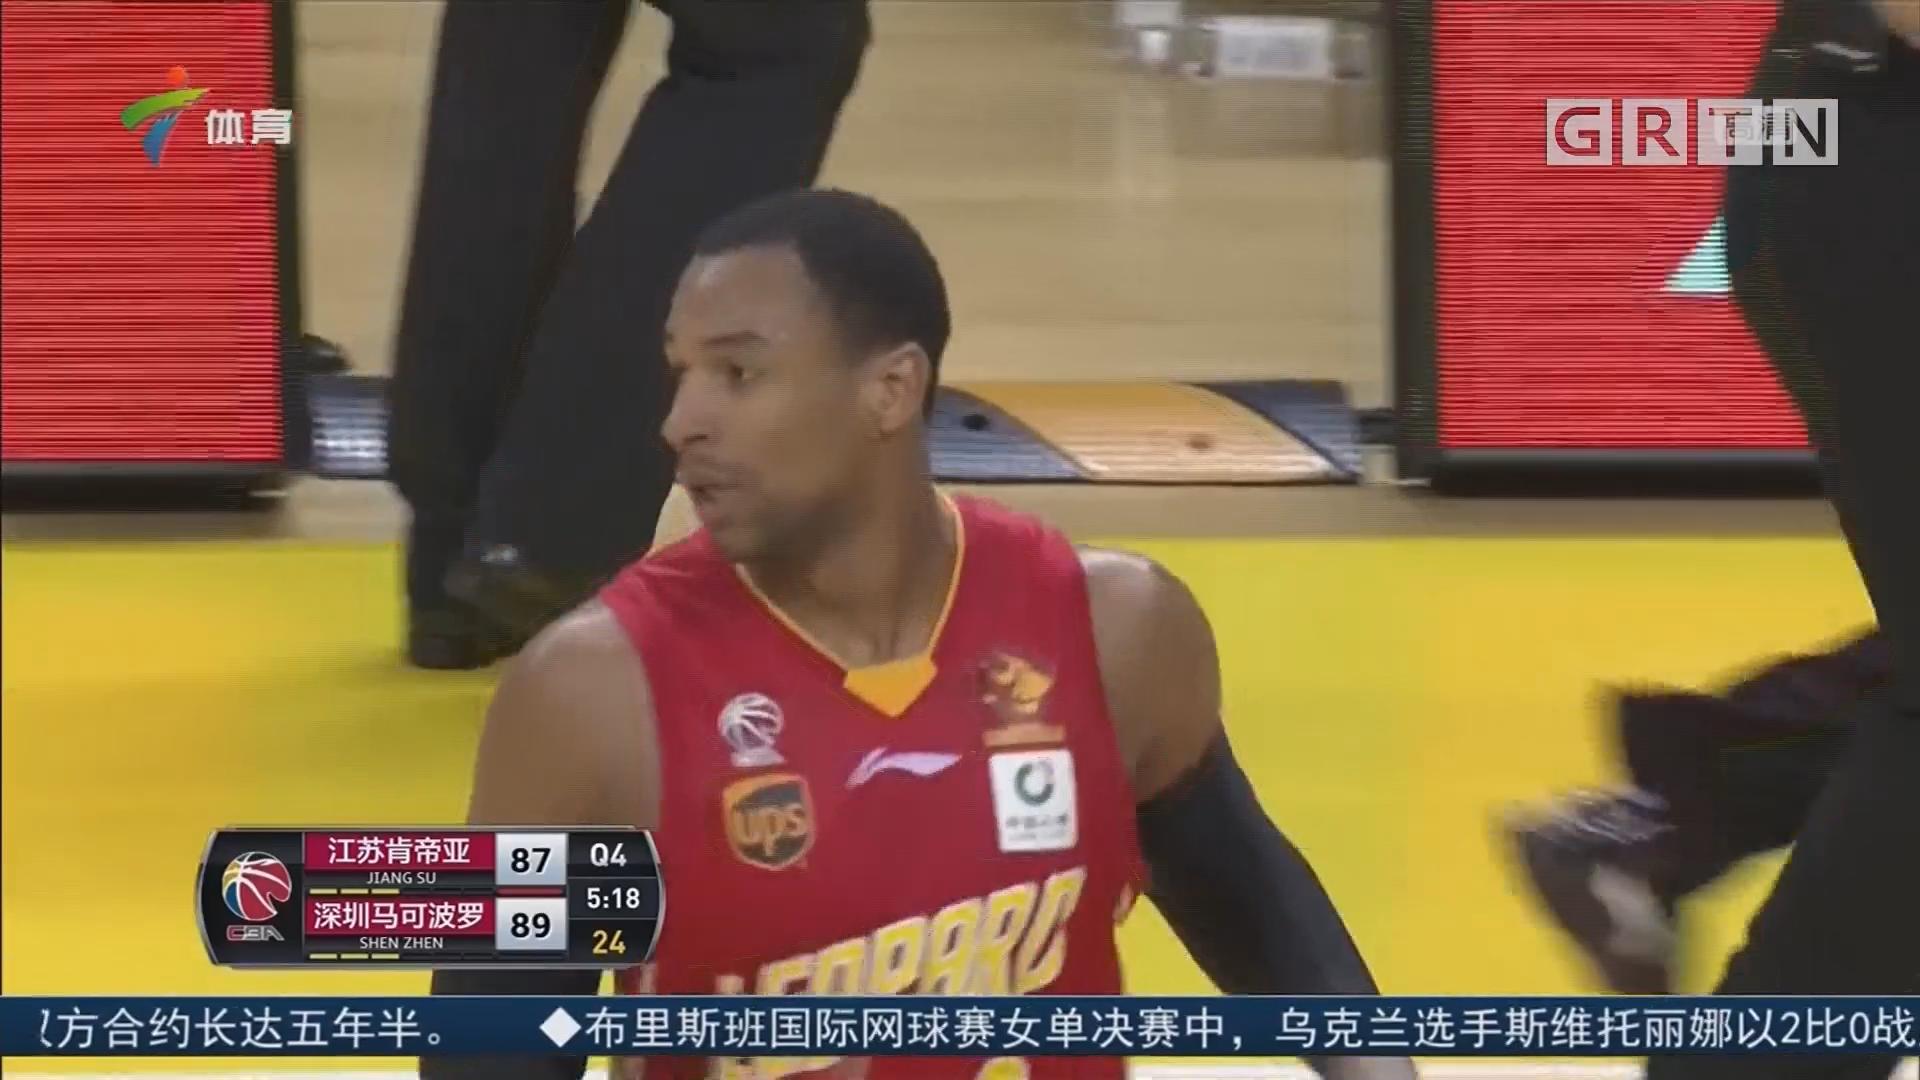 李慕豪建功 深圳客场击败江苏